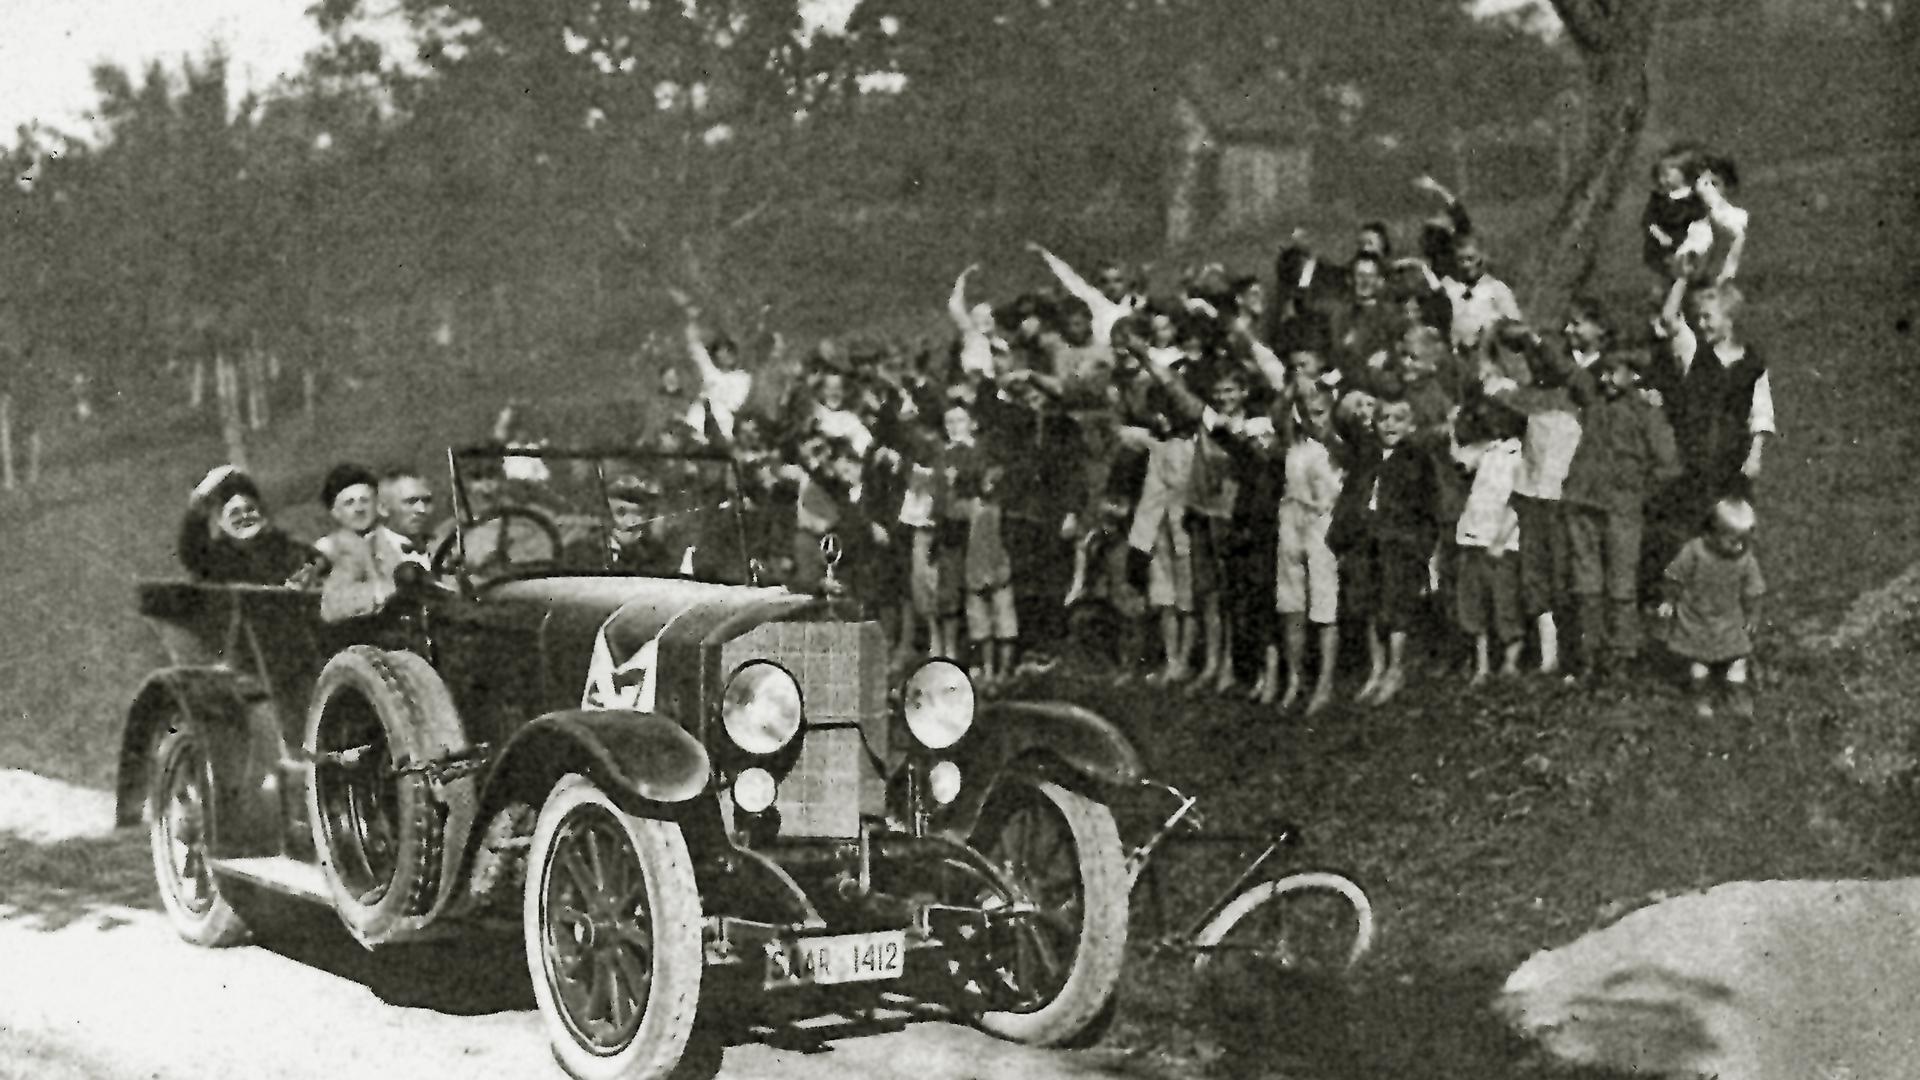 1921 kurz vor dem Etappenziel Freudenstadt: Freudig begrüßt die Schuljugend einen Mercedes-Tourenwagen aus dem Saarland bei der Tourenfahrt im Rahmen des ersten Baden-Badener Automoblil-Turniers.